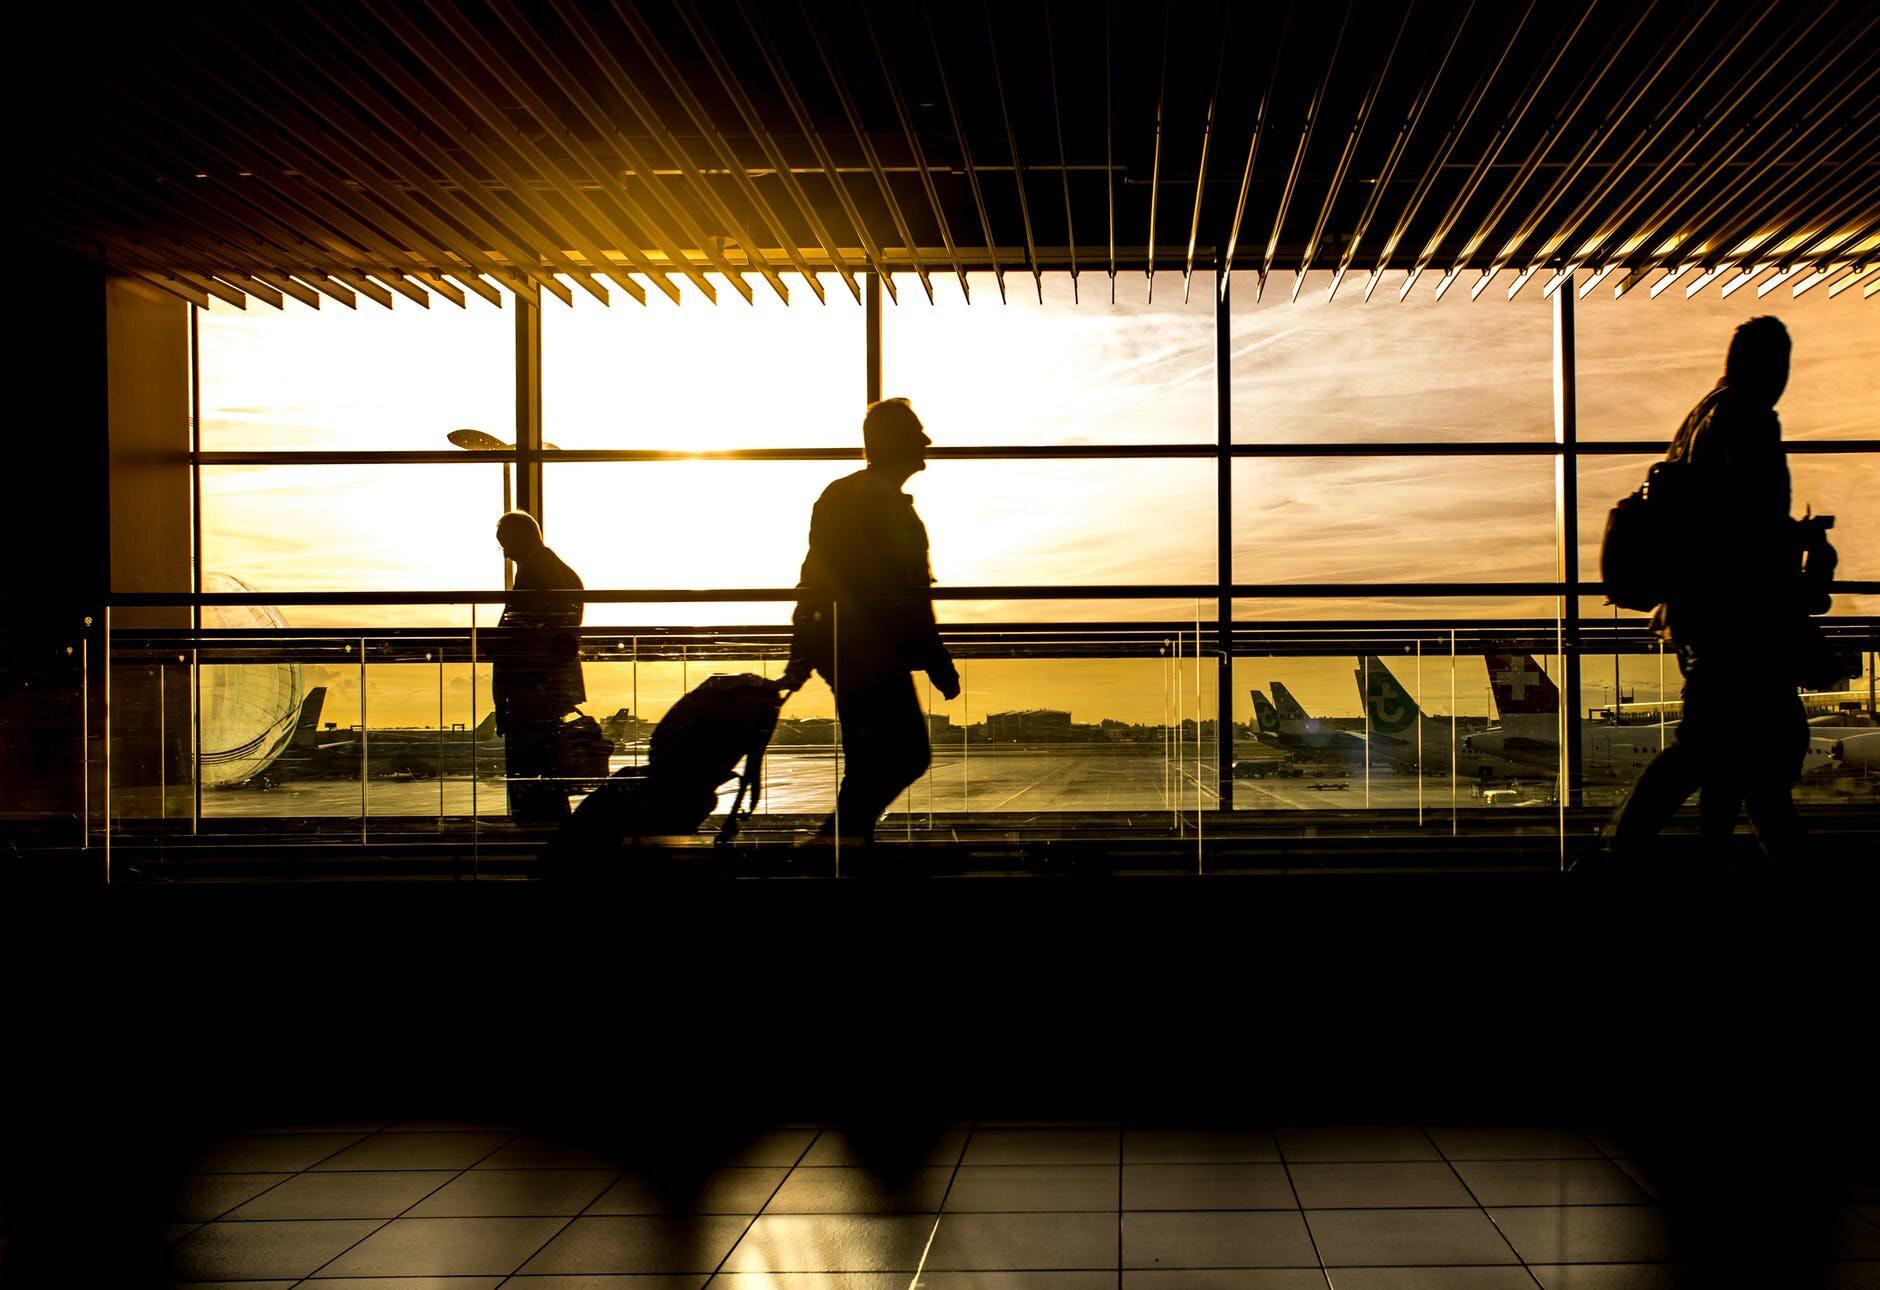 Port lotniczy, zdjęcie ilustracyjne